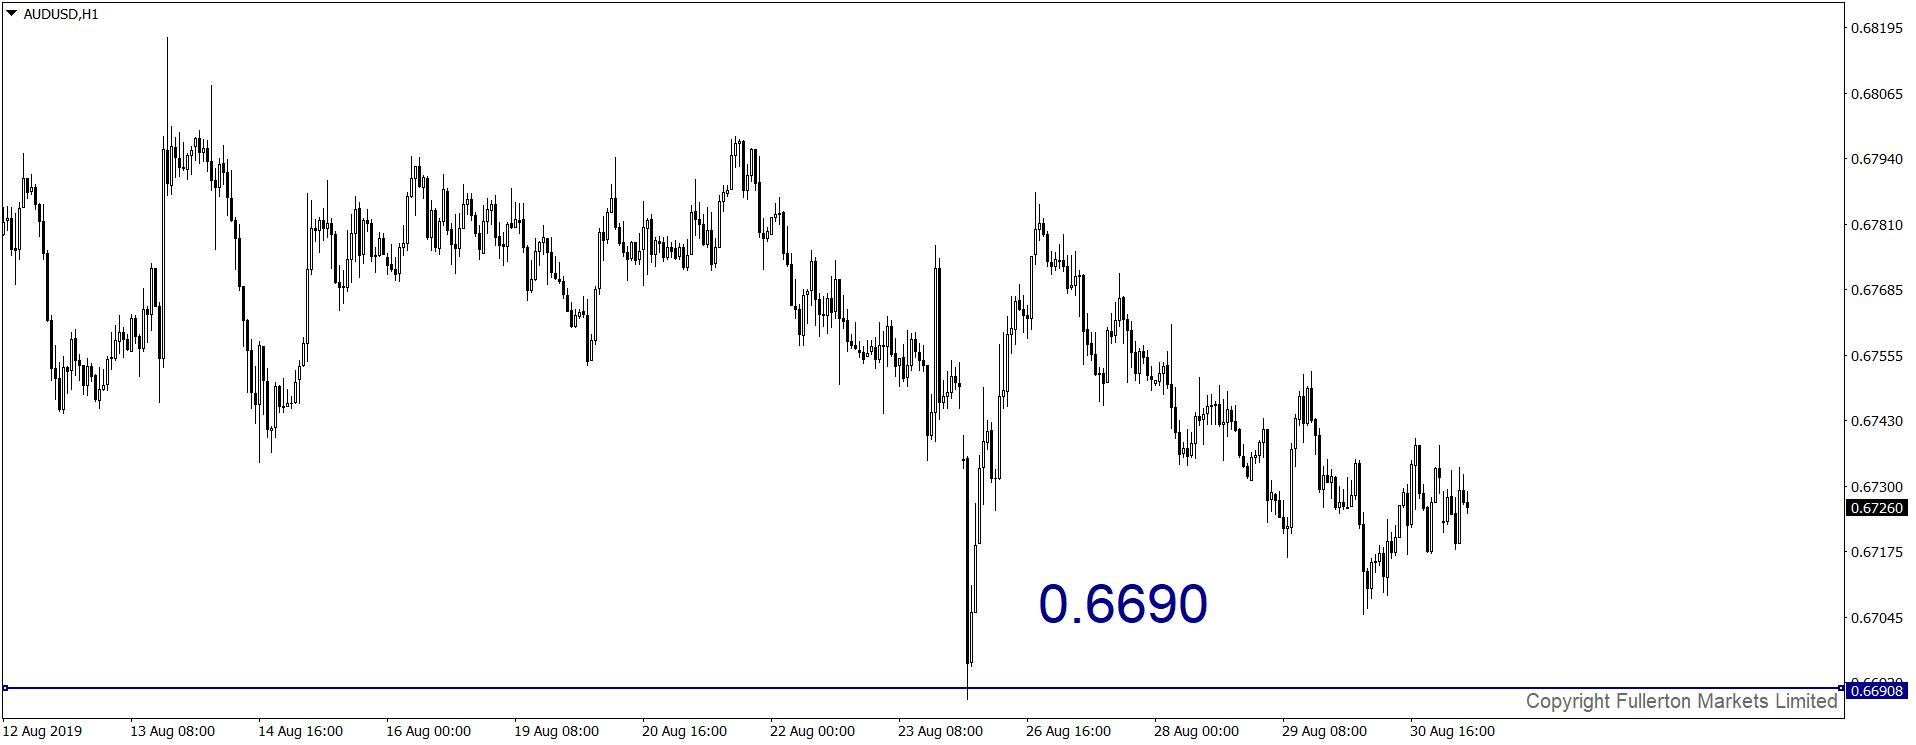 本周这两件大事恐引发市场行情 专家:澳元、日元和黄金本周走势预测